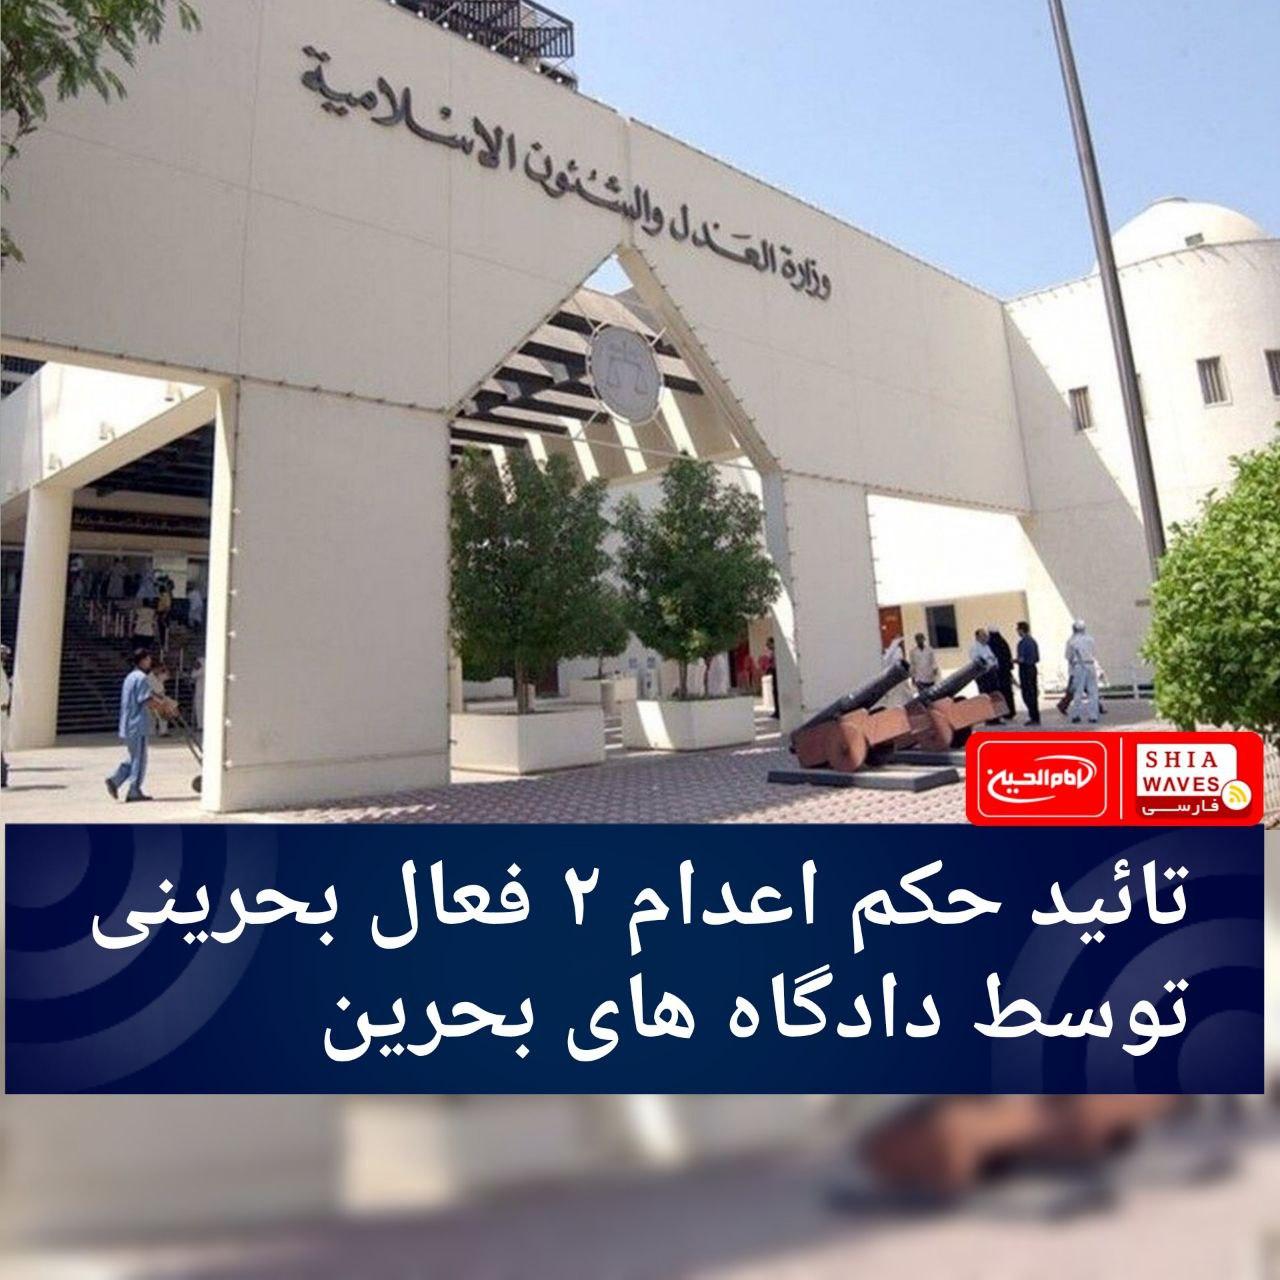 تصویر تائید حکم اعدام ۲ فعال بحرینی توسط دادگاه های بحرین